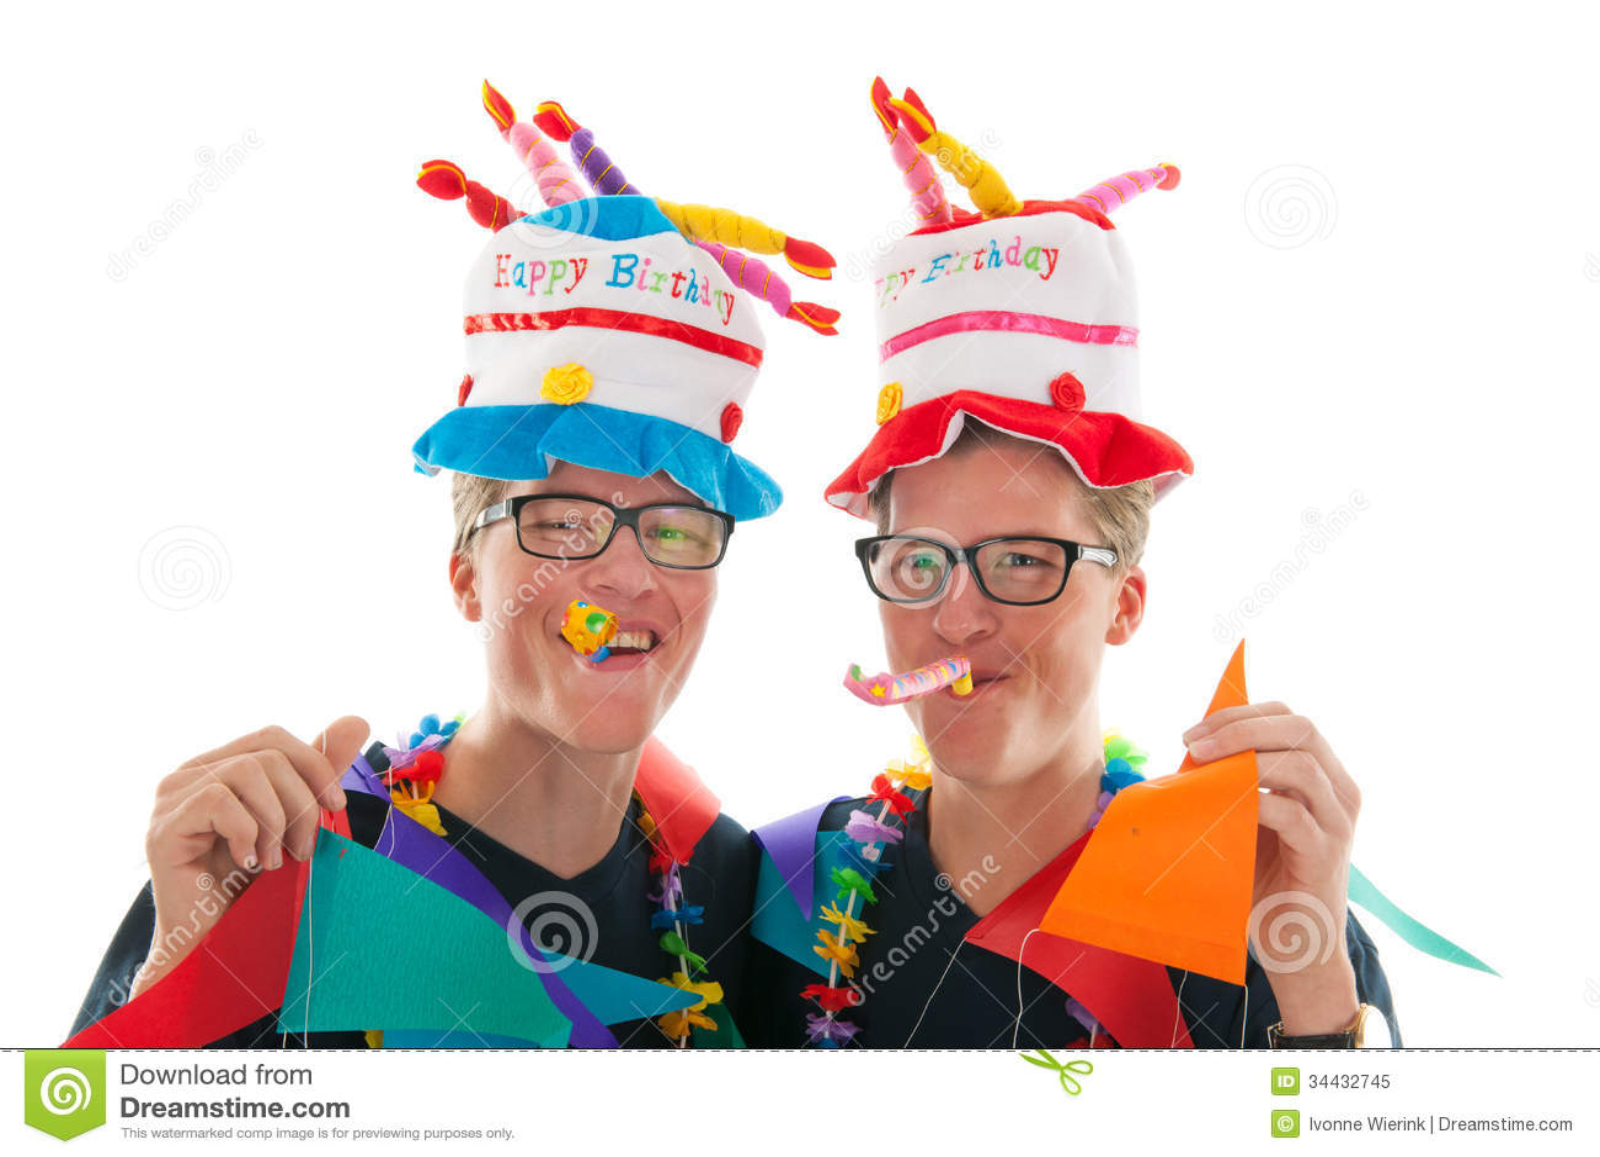 Прикольные поздравления братьям близнецам